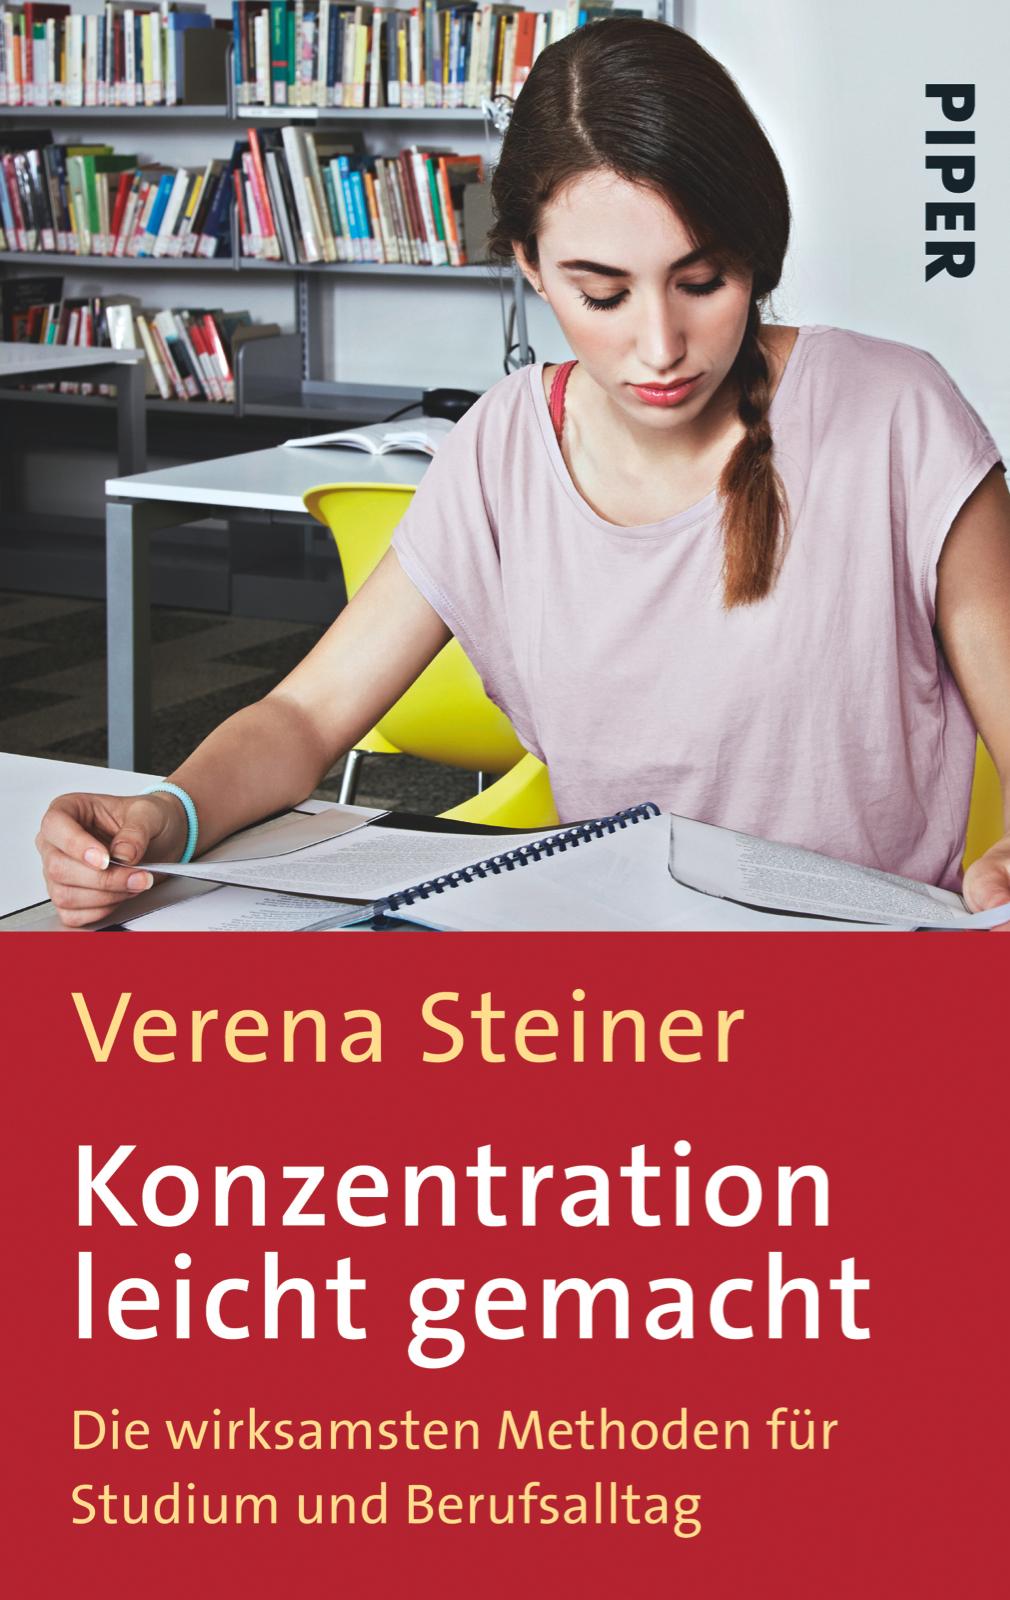 Konzentration leicht gemacht: Die wirksamsten Methoden für Studium, Beruf und Alltag  by  Verena Steiner